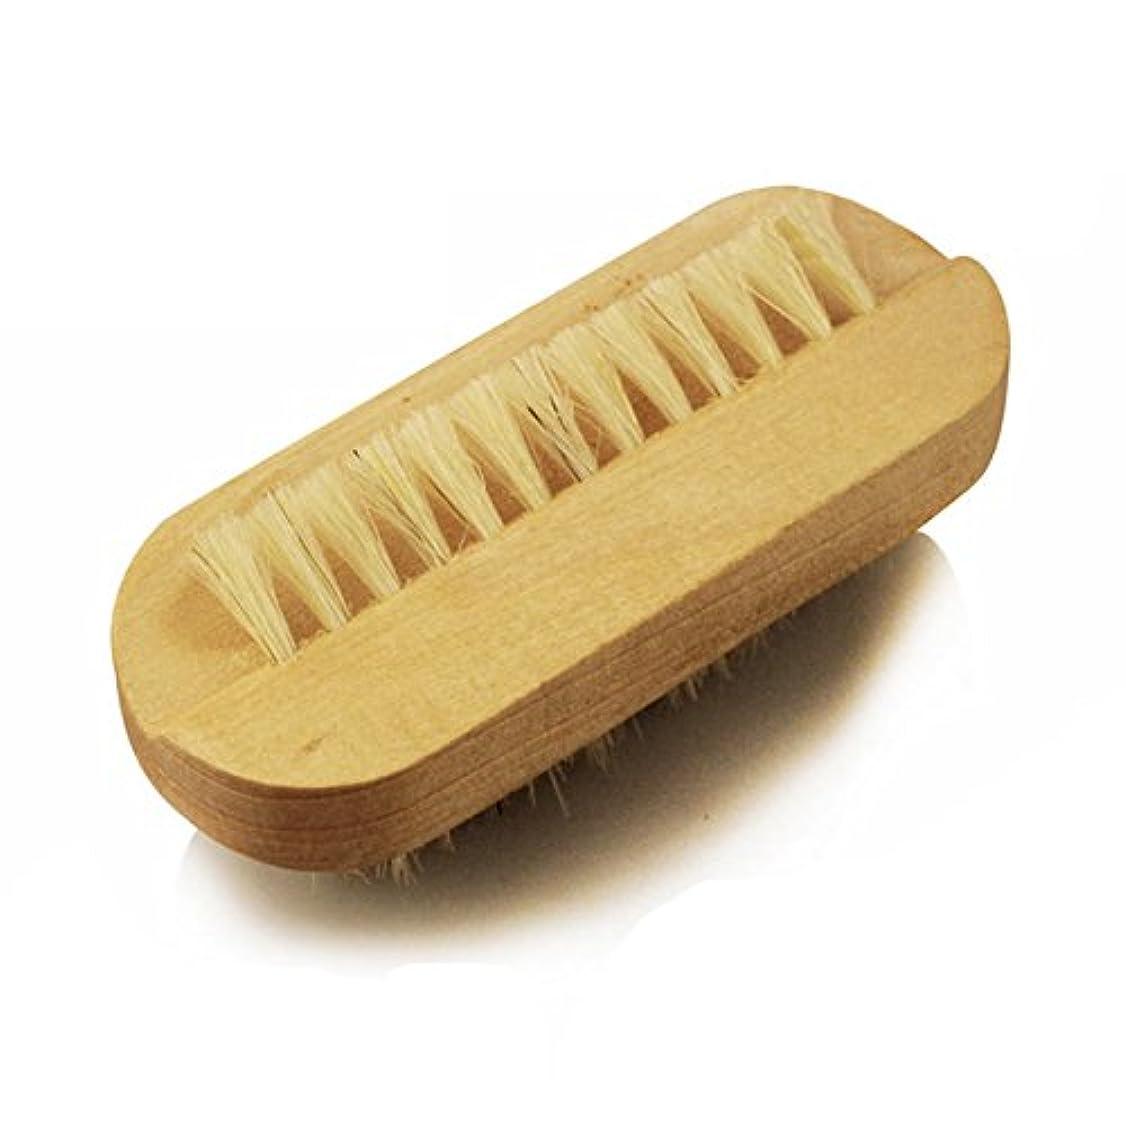 広がりアパートトラックボディブラシ 木製ブラシ Hrph ネイルブラシ フットブラシ 足の裏ブラシ ネイルハンドブラシ 手洗いブラシ 爪ブラシ 木柄ブラシ 豚毛ブラシ マッサージャー セルライト除去 角質除去